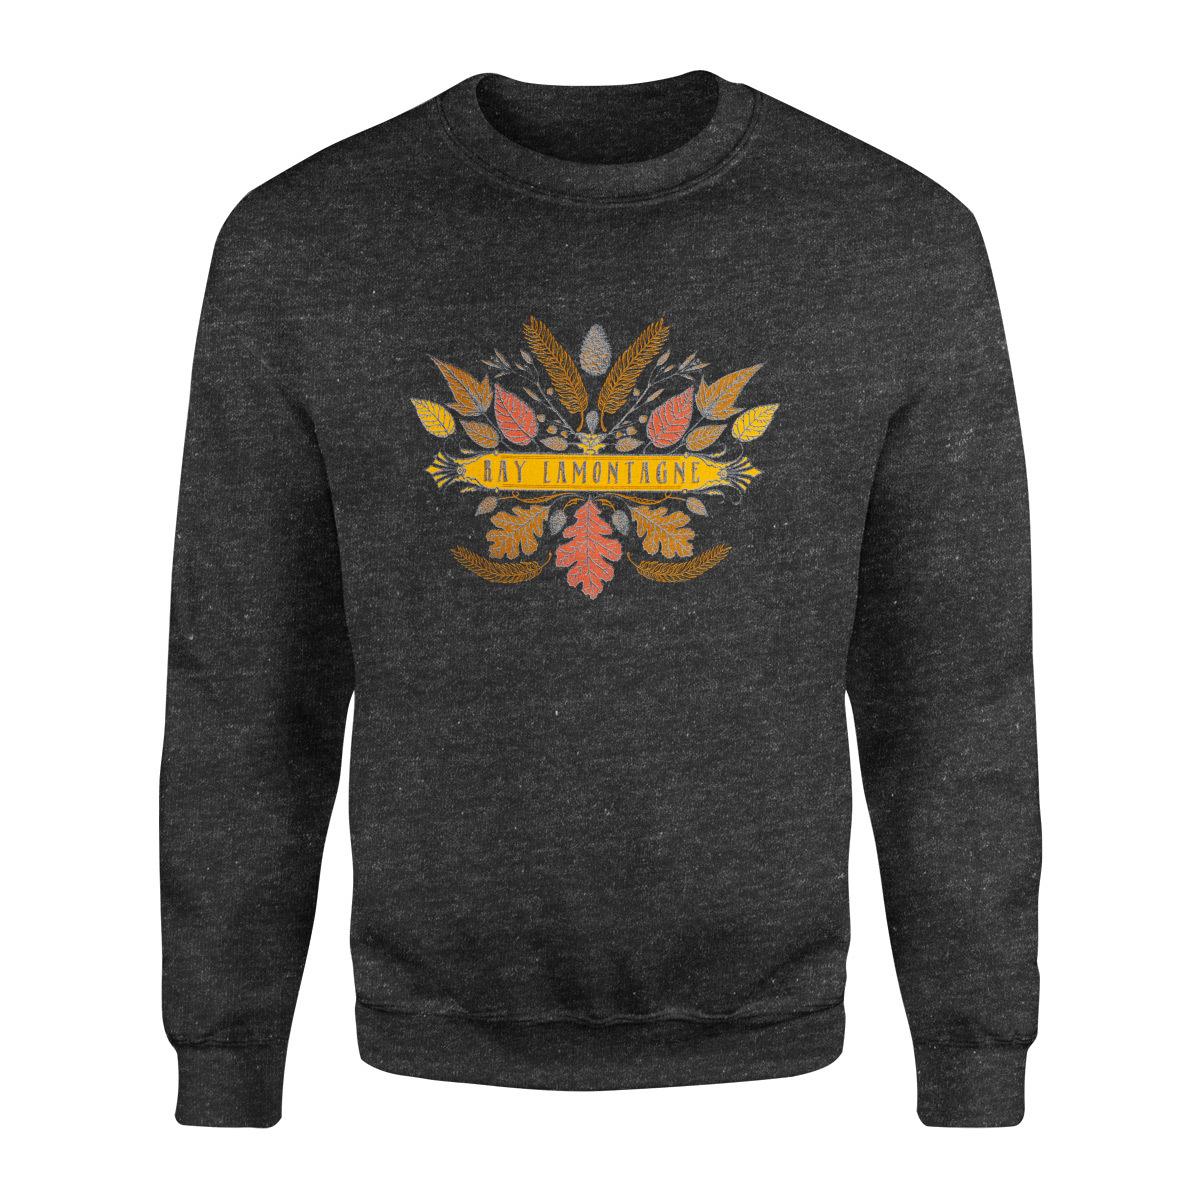 Ray LaMontagne Eco-Fleece Crewneck Sweatshirt